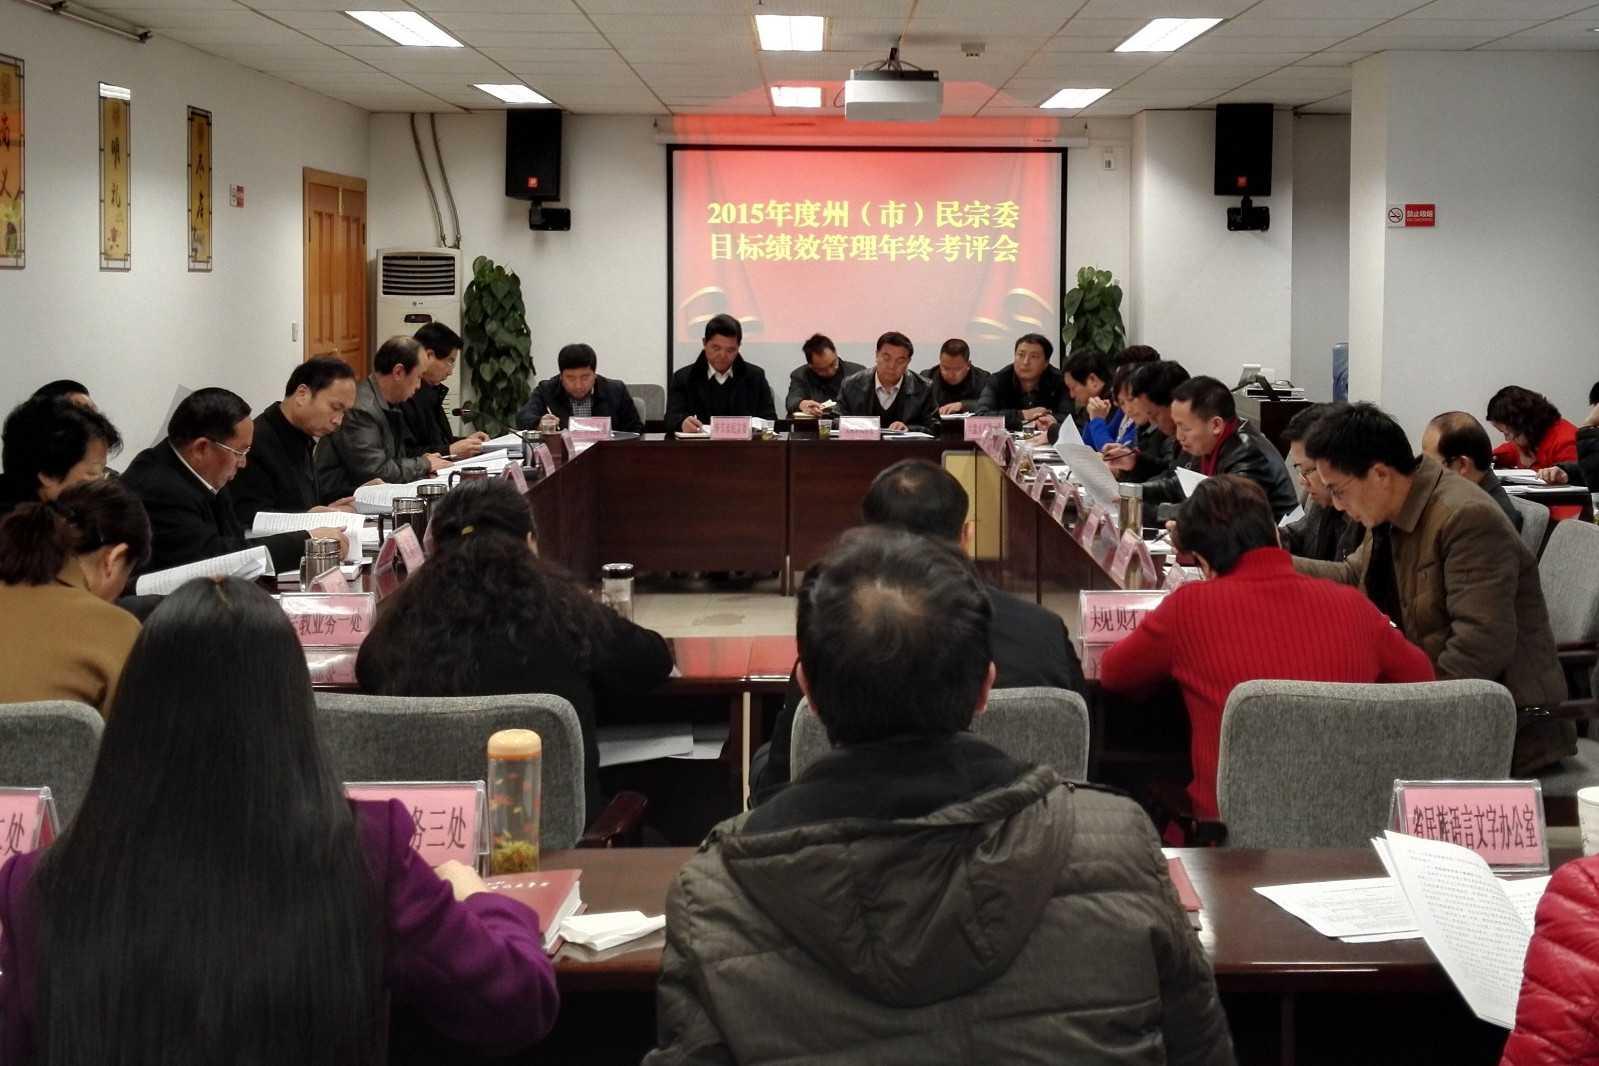 贵州省民宗委召开2015年市州民宗委考核工作会